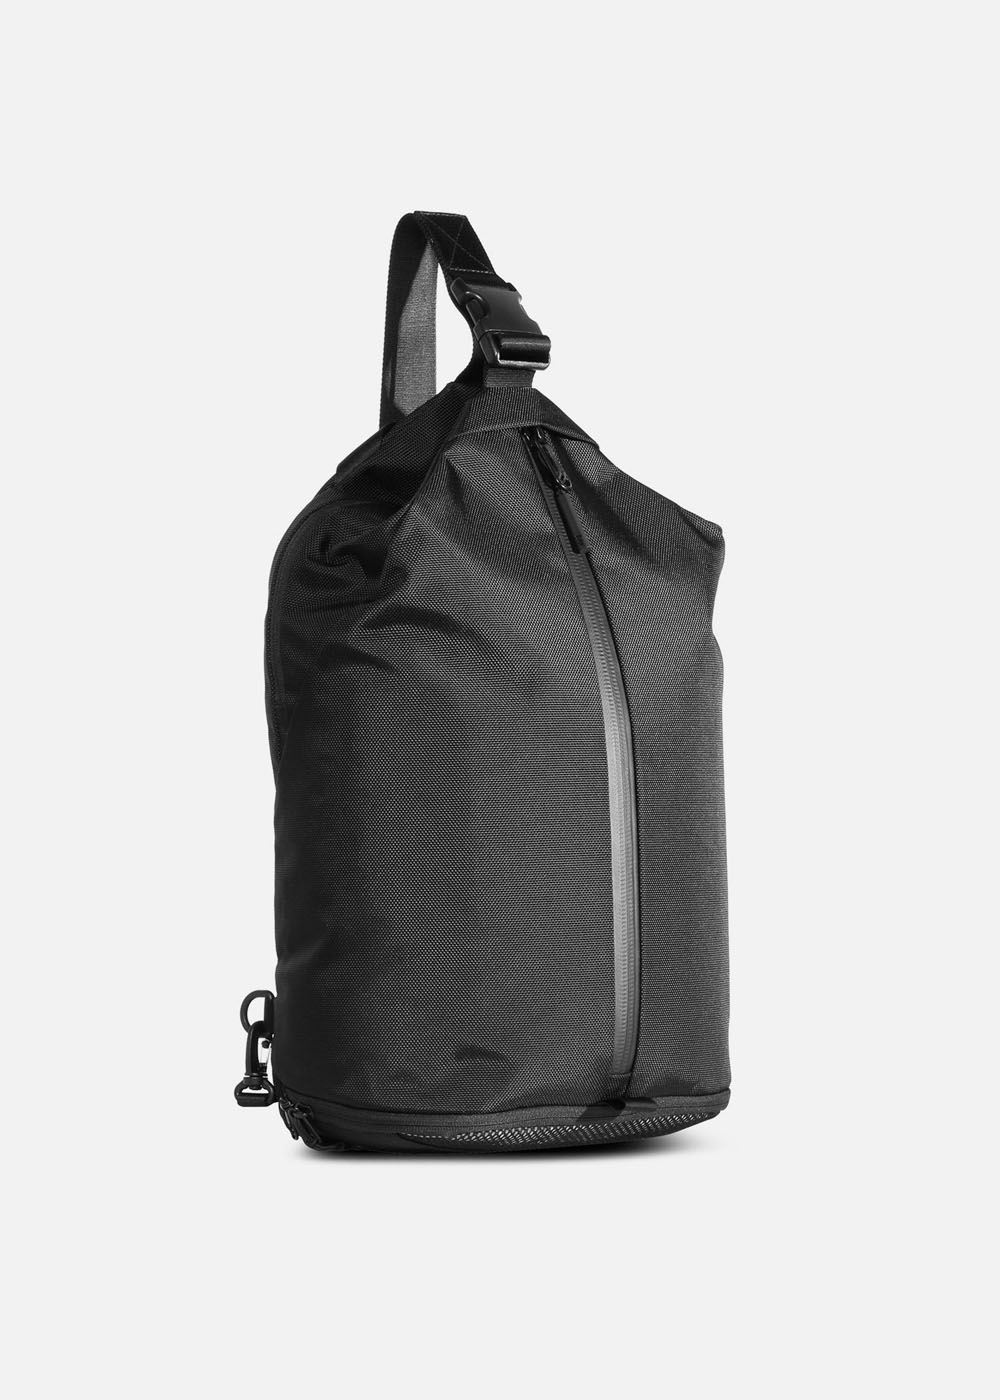 active_aer_sling_bag_2_black.JPG